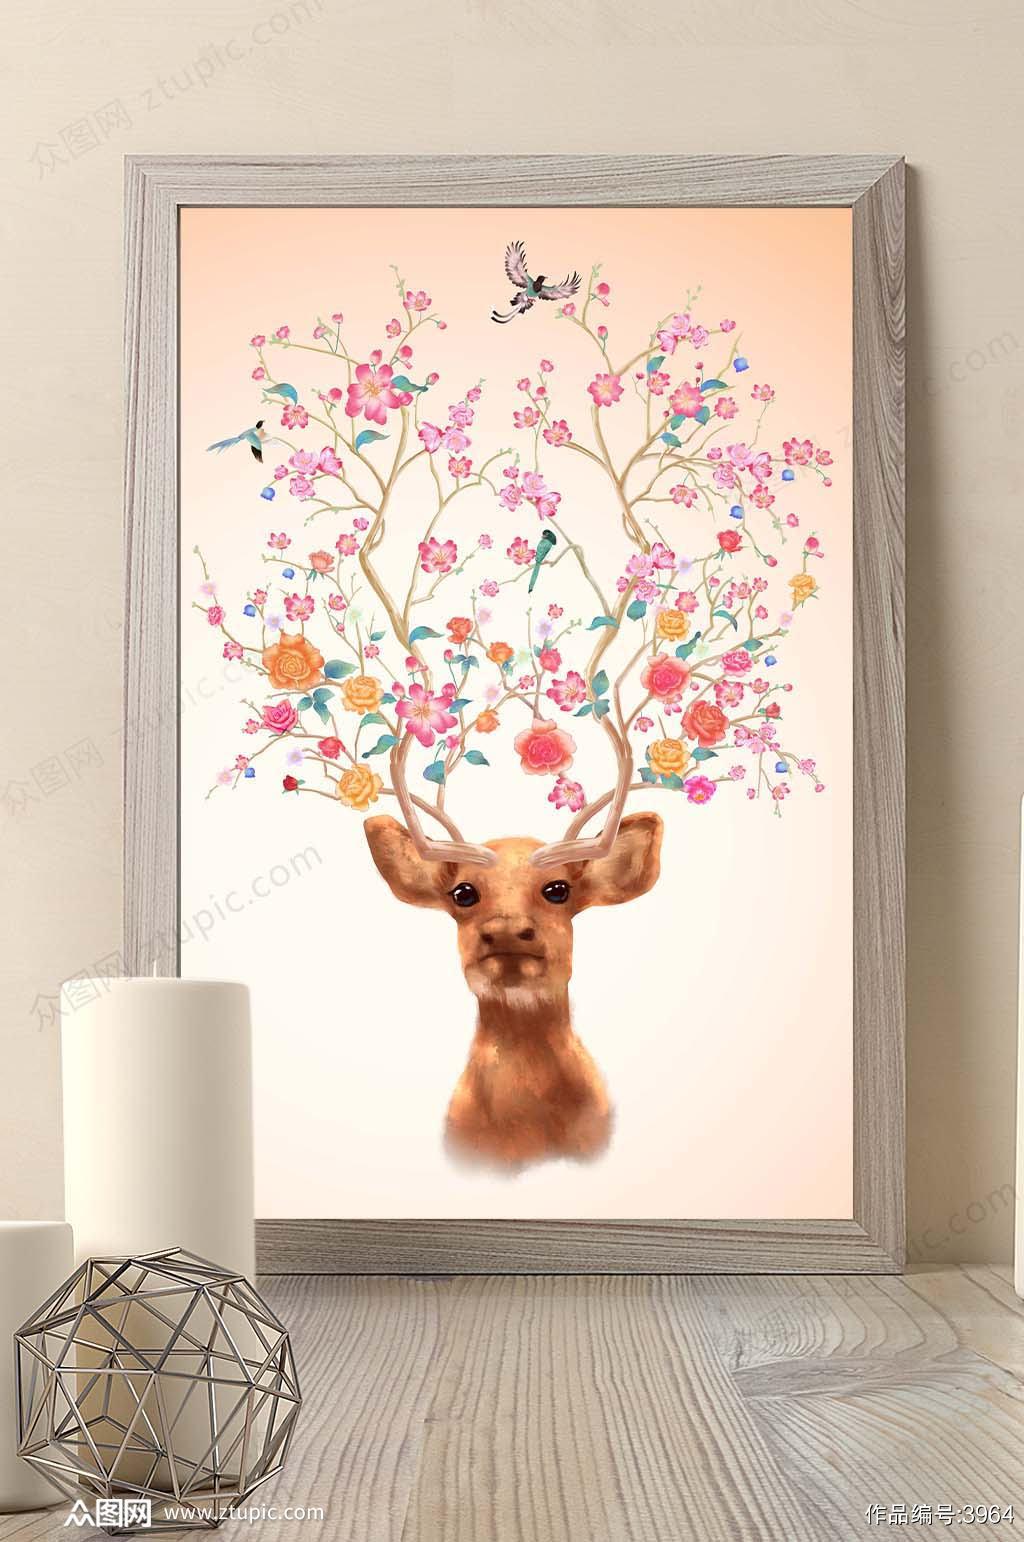 原创手绘花鸟驯鹿发财鹿玄关背景墙壁画素材